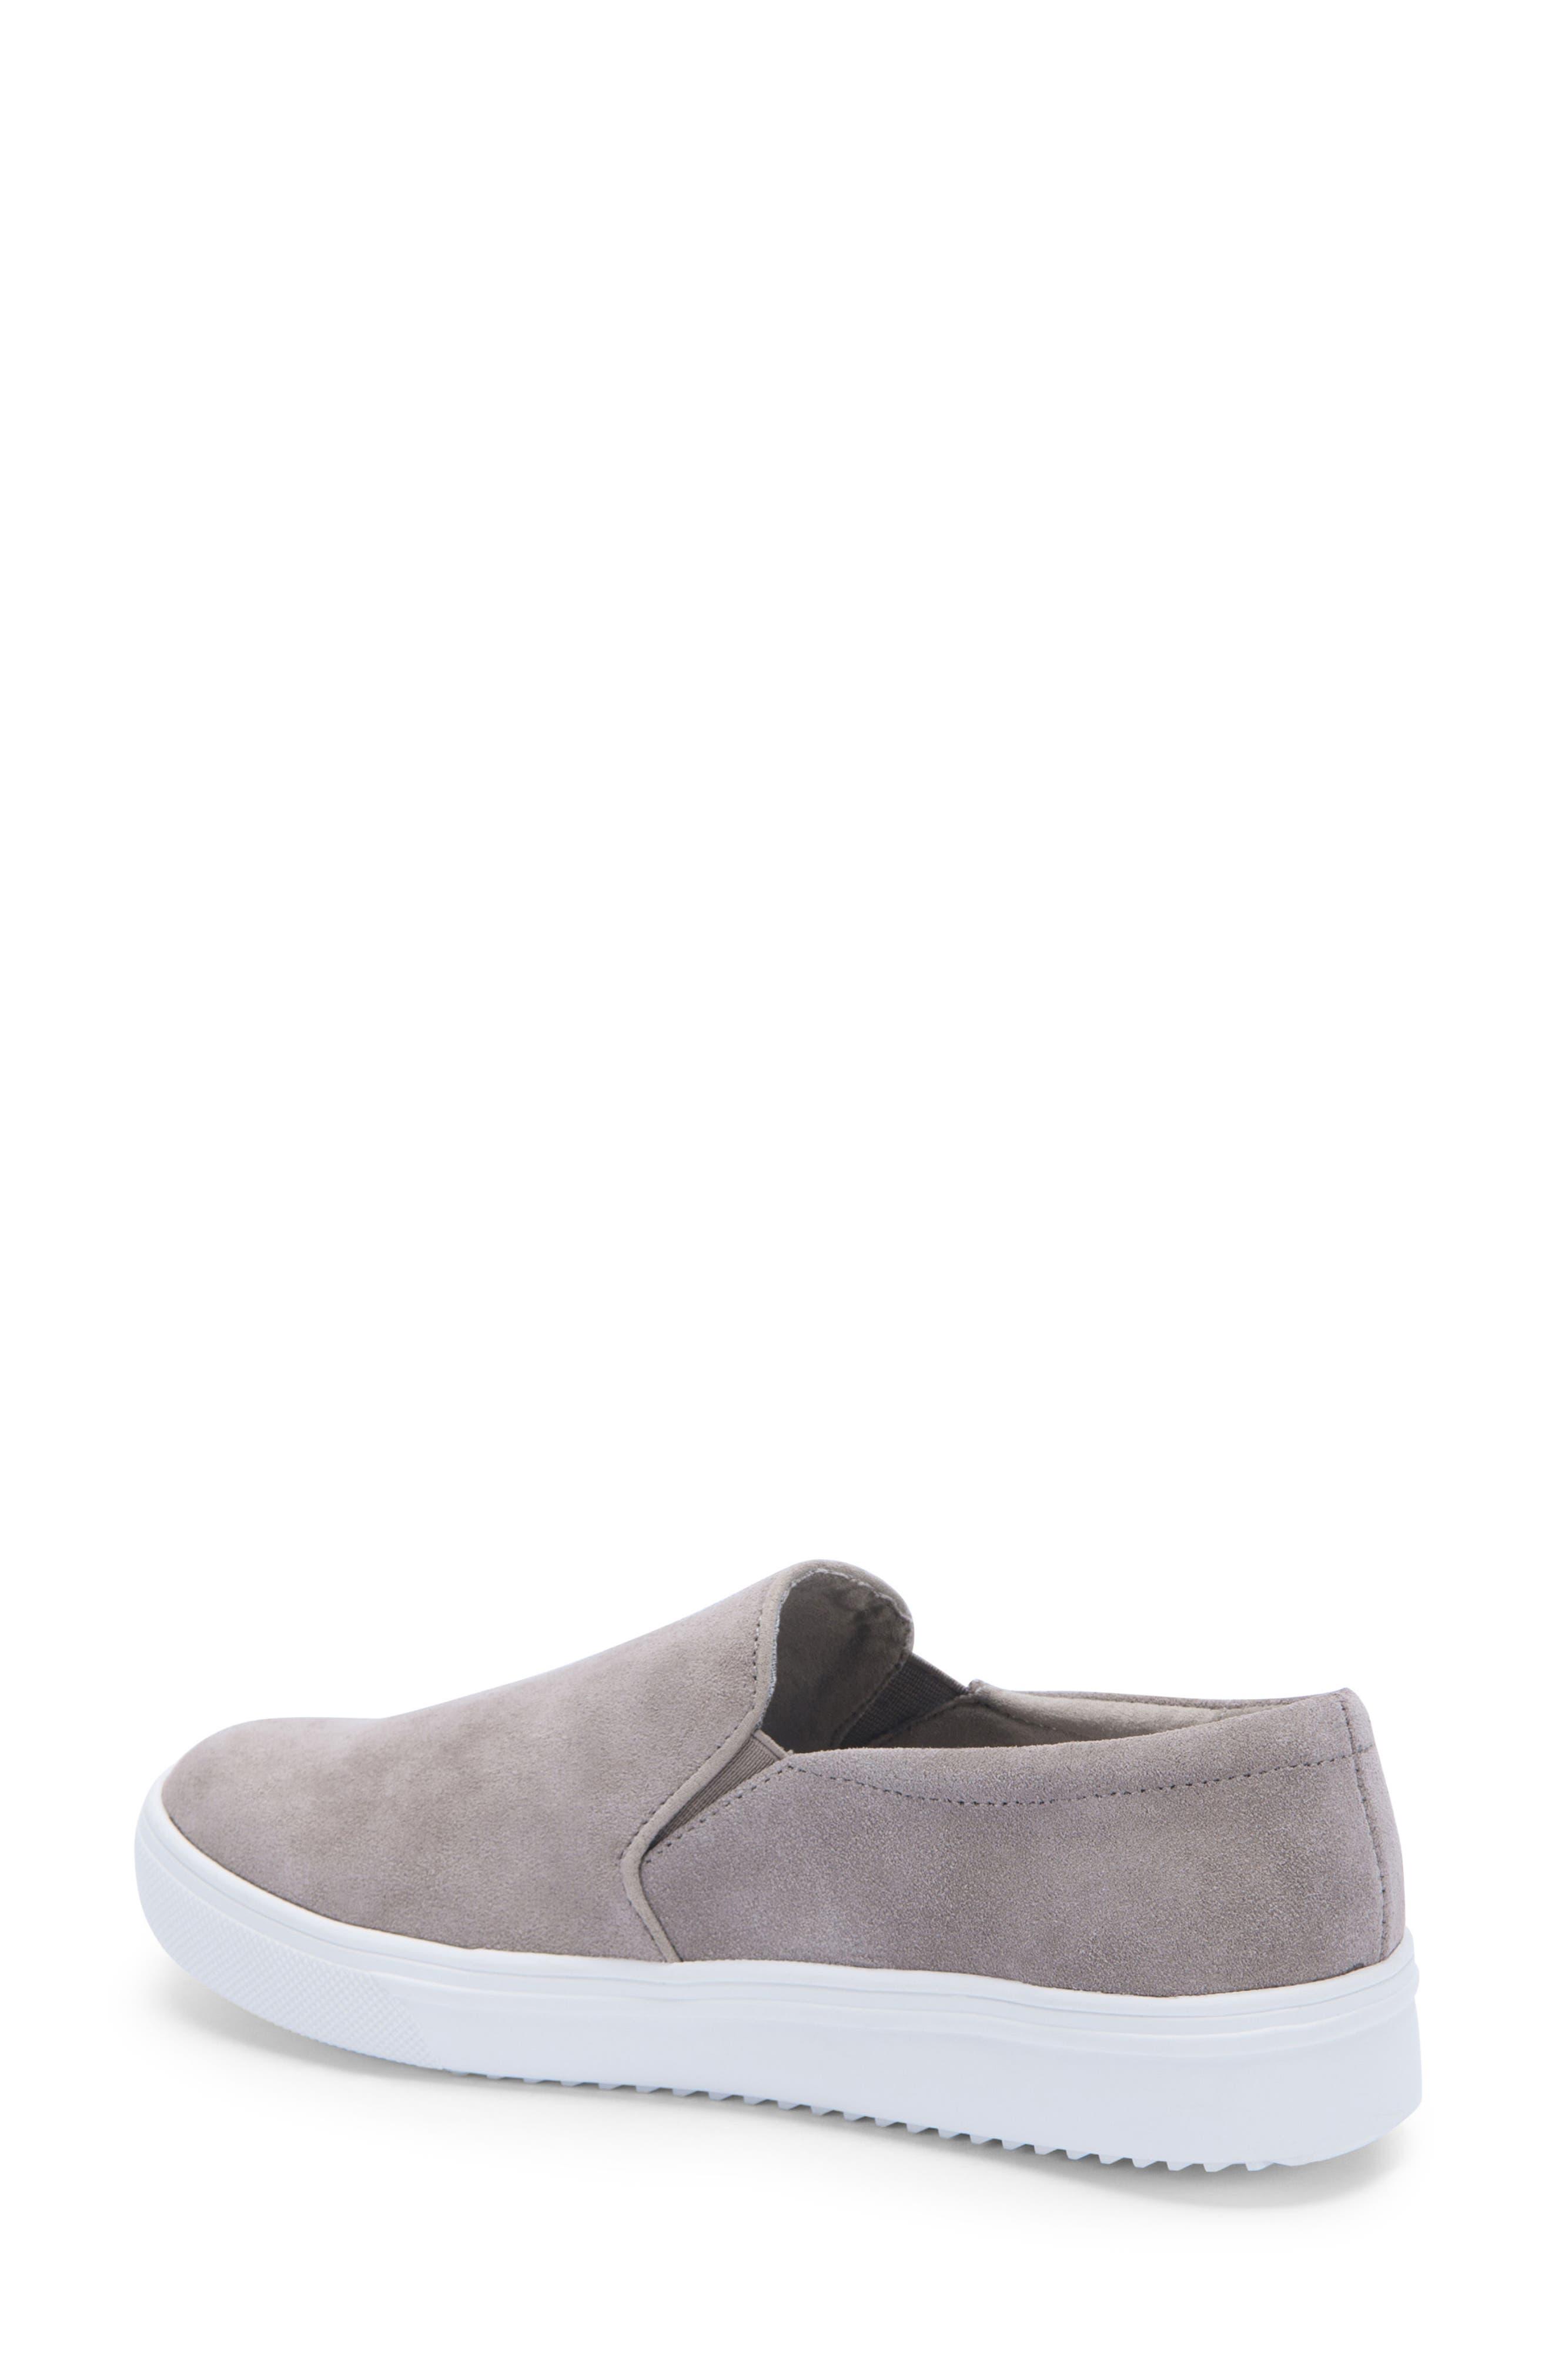 BLONDO, Gracie Waterproof Slip-On Sneaker, Alternate thumbnail 2, color, MUSHROOM SUEDE